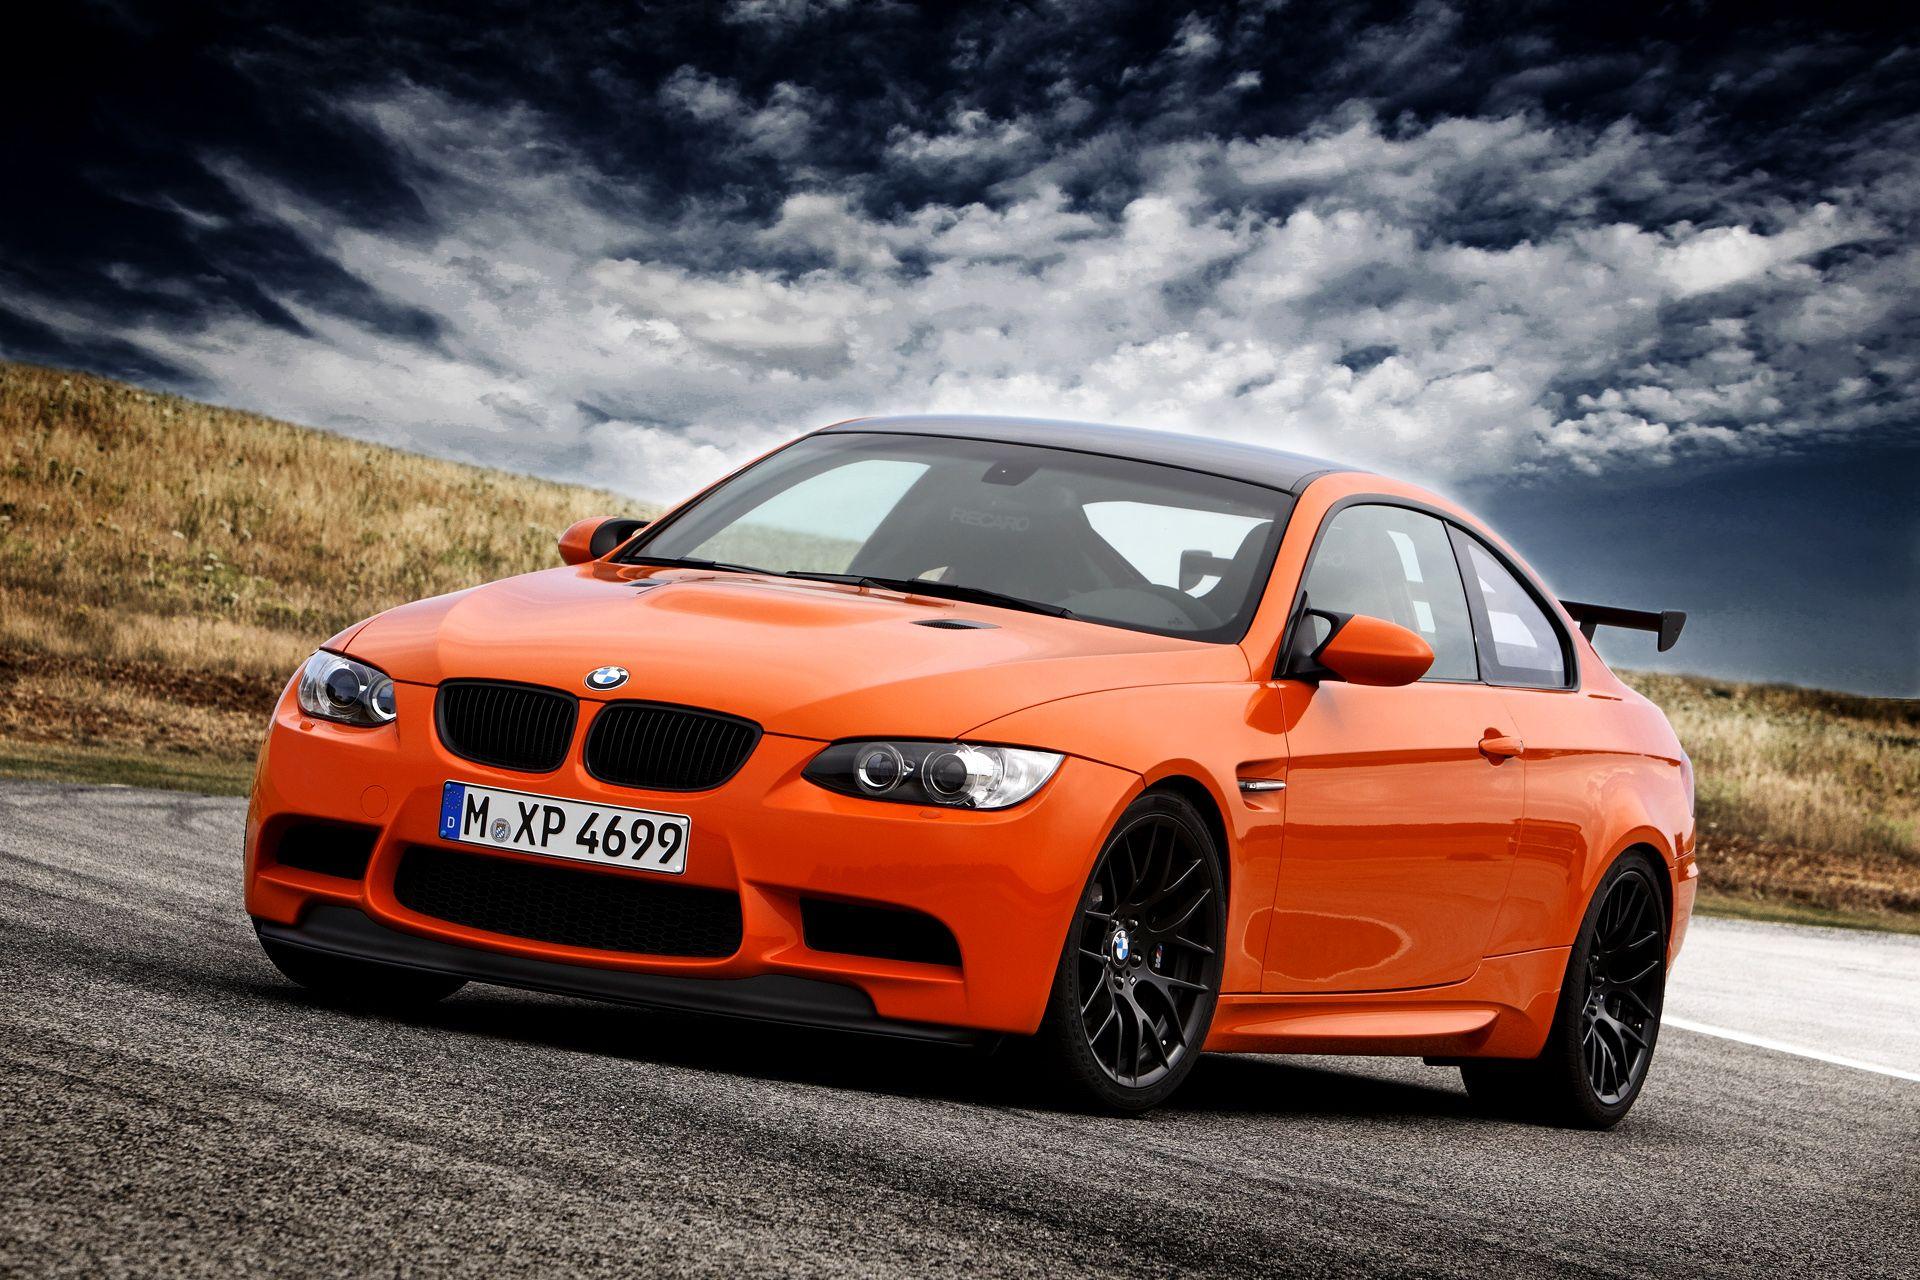 BMW M Gear Heads Pinterest Bmw M Sports Cars And BMW - Sports cars bmw